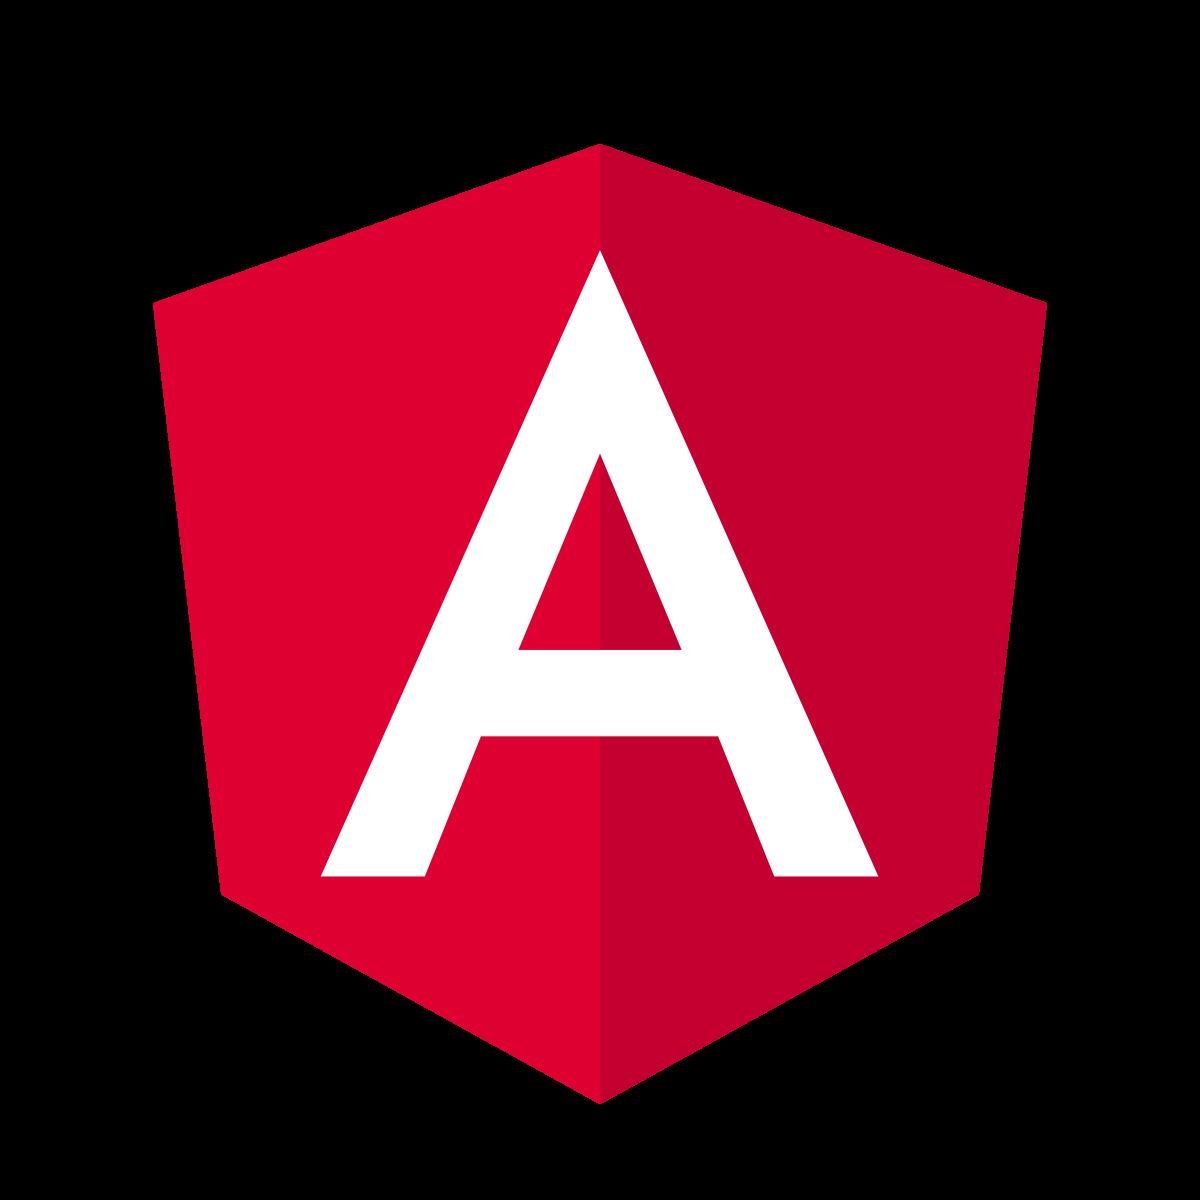 aplicaciones angular